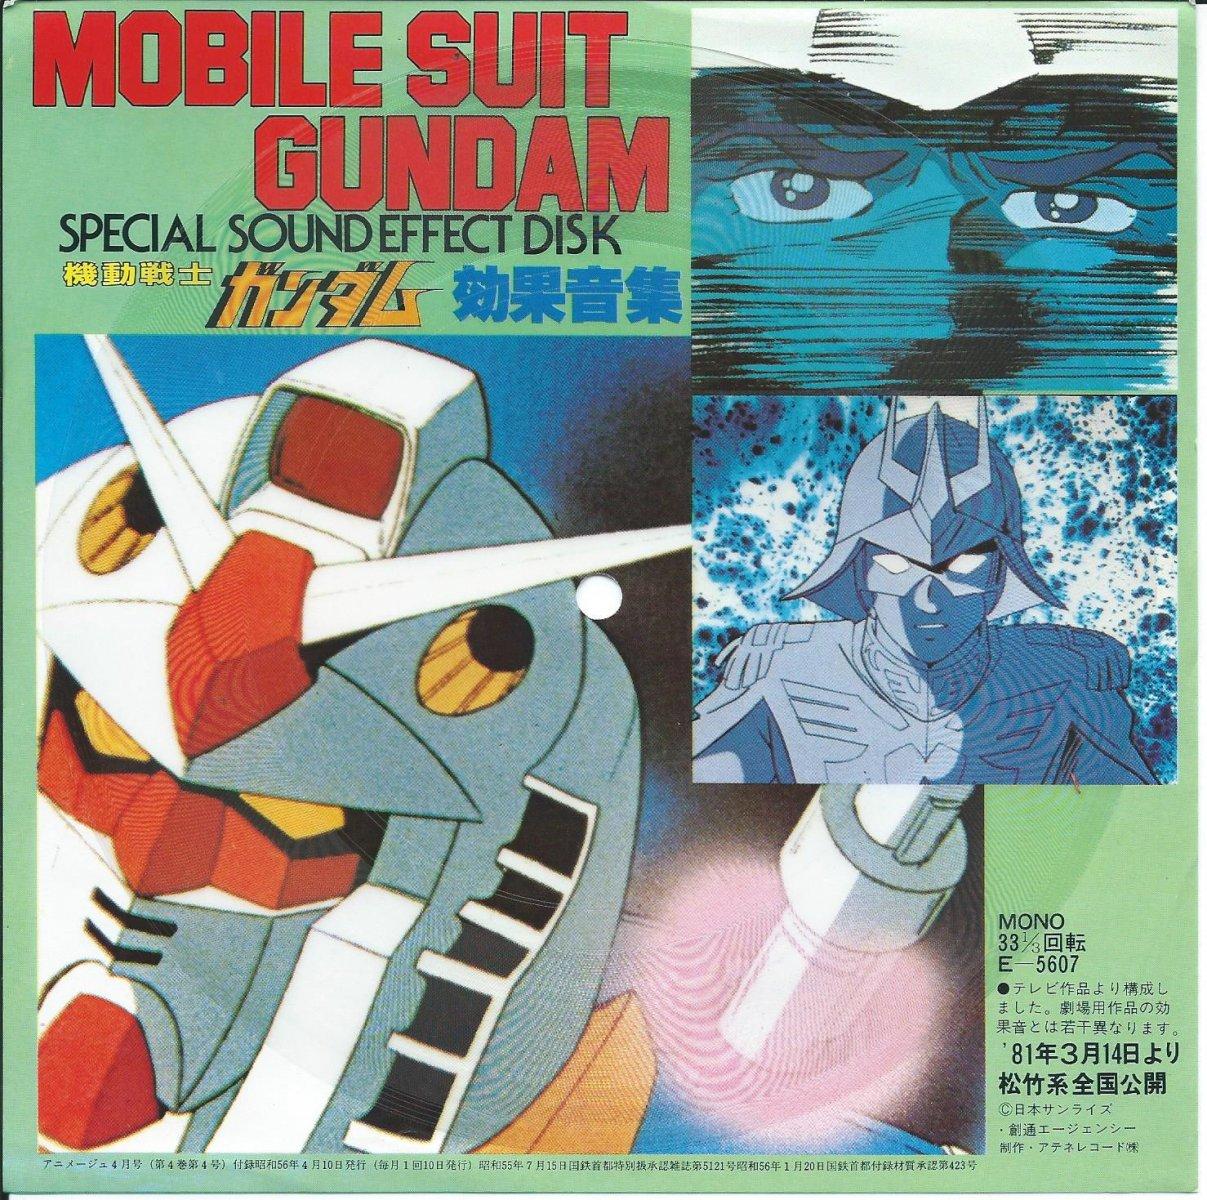 機動戦士ガンダム効果音集 (MOBILE SUIT GUNDAM SPECIAL SOUND EFFECT DISK) (7